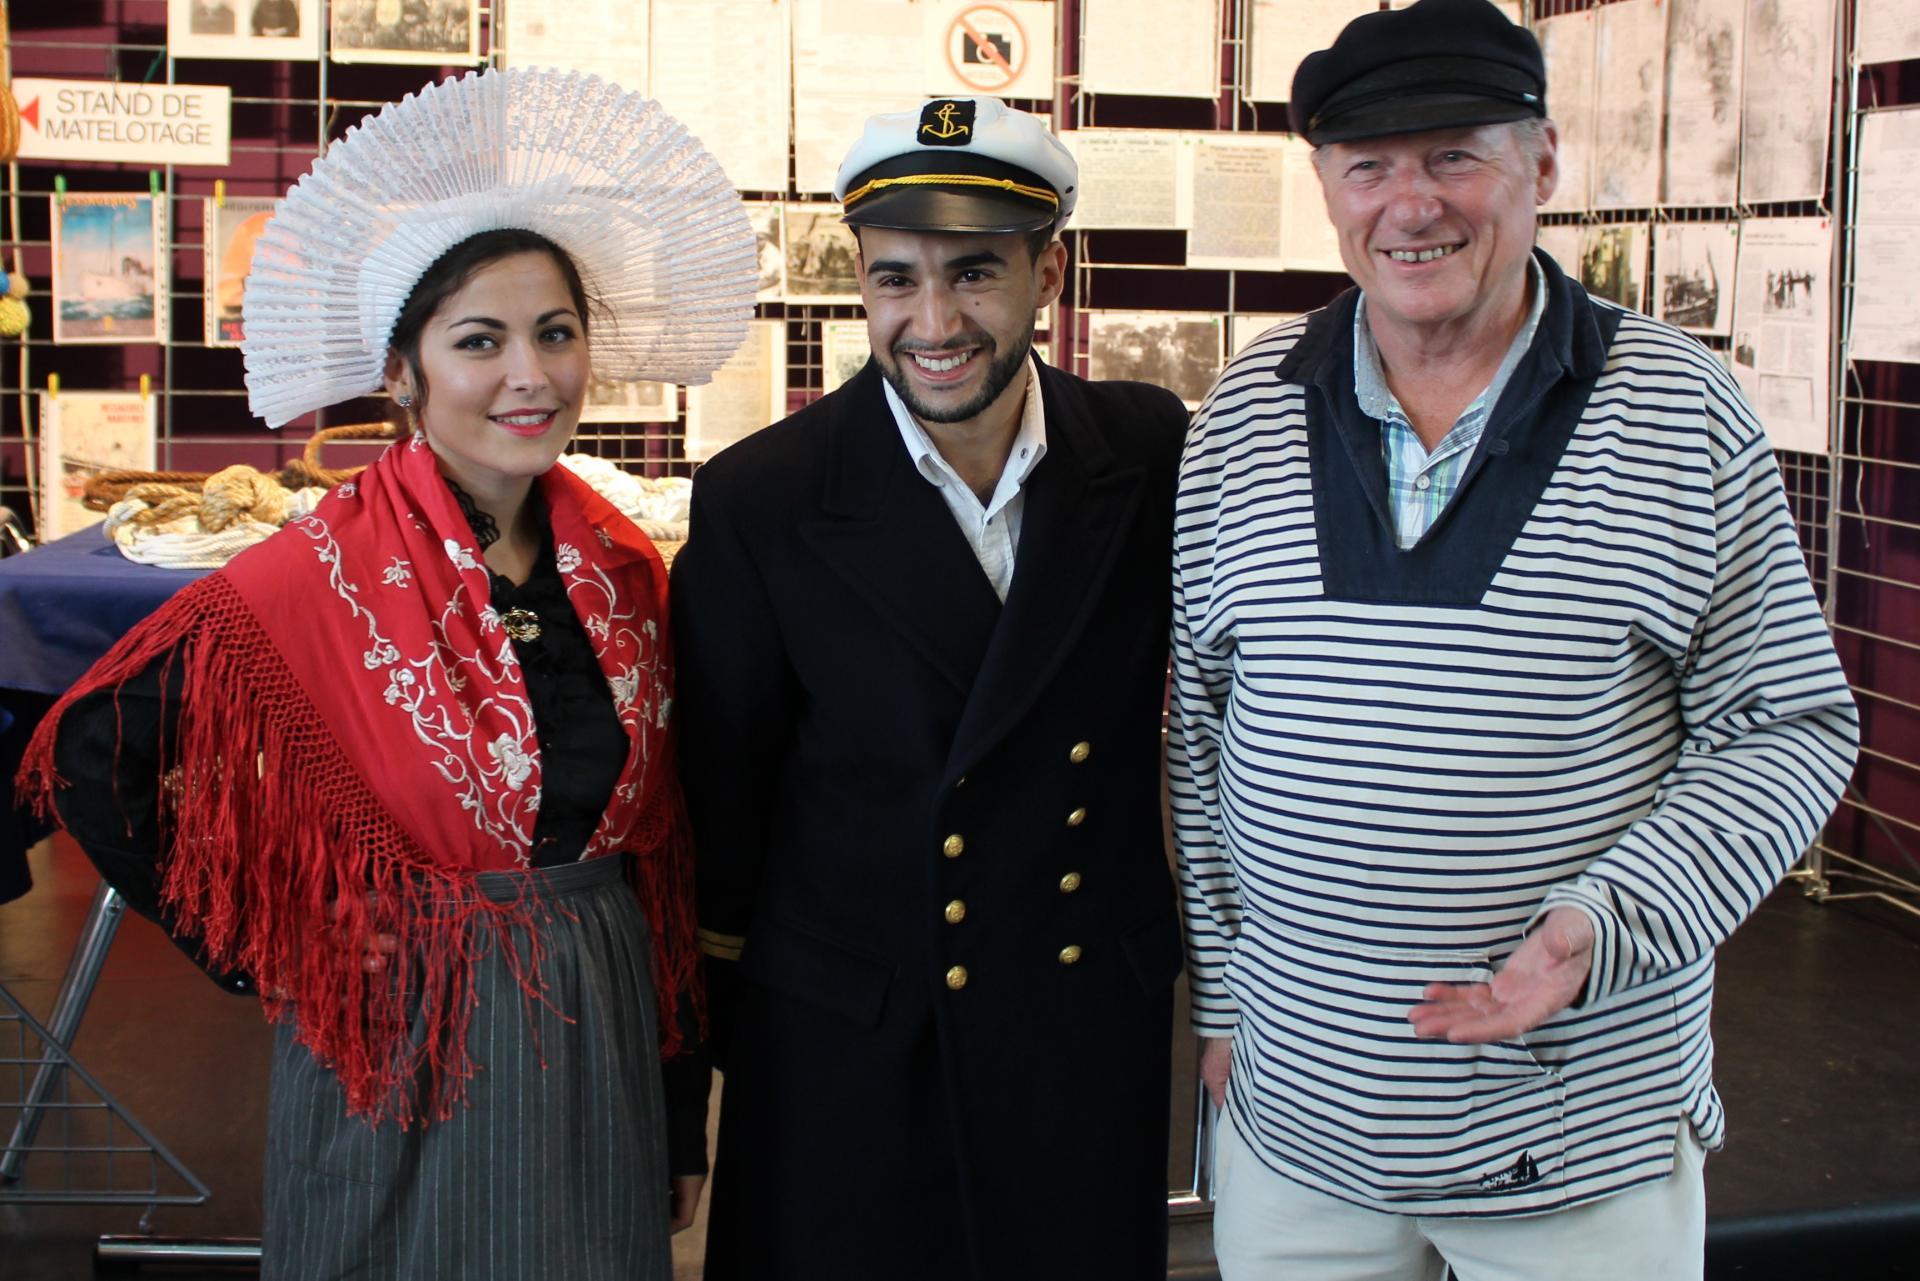 Fete des islandais costumes folkloriques